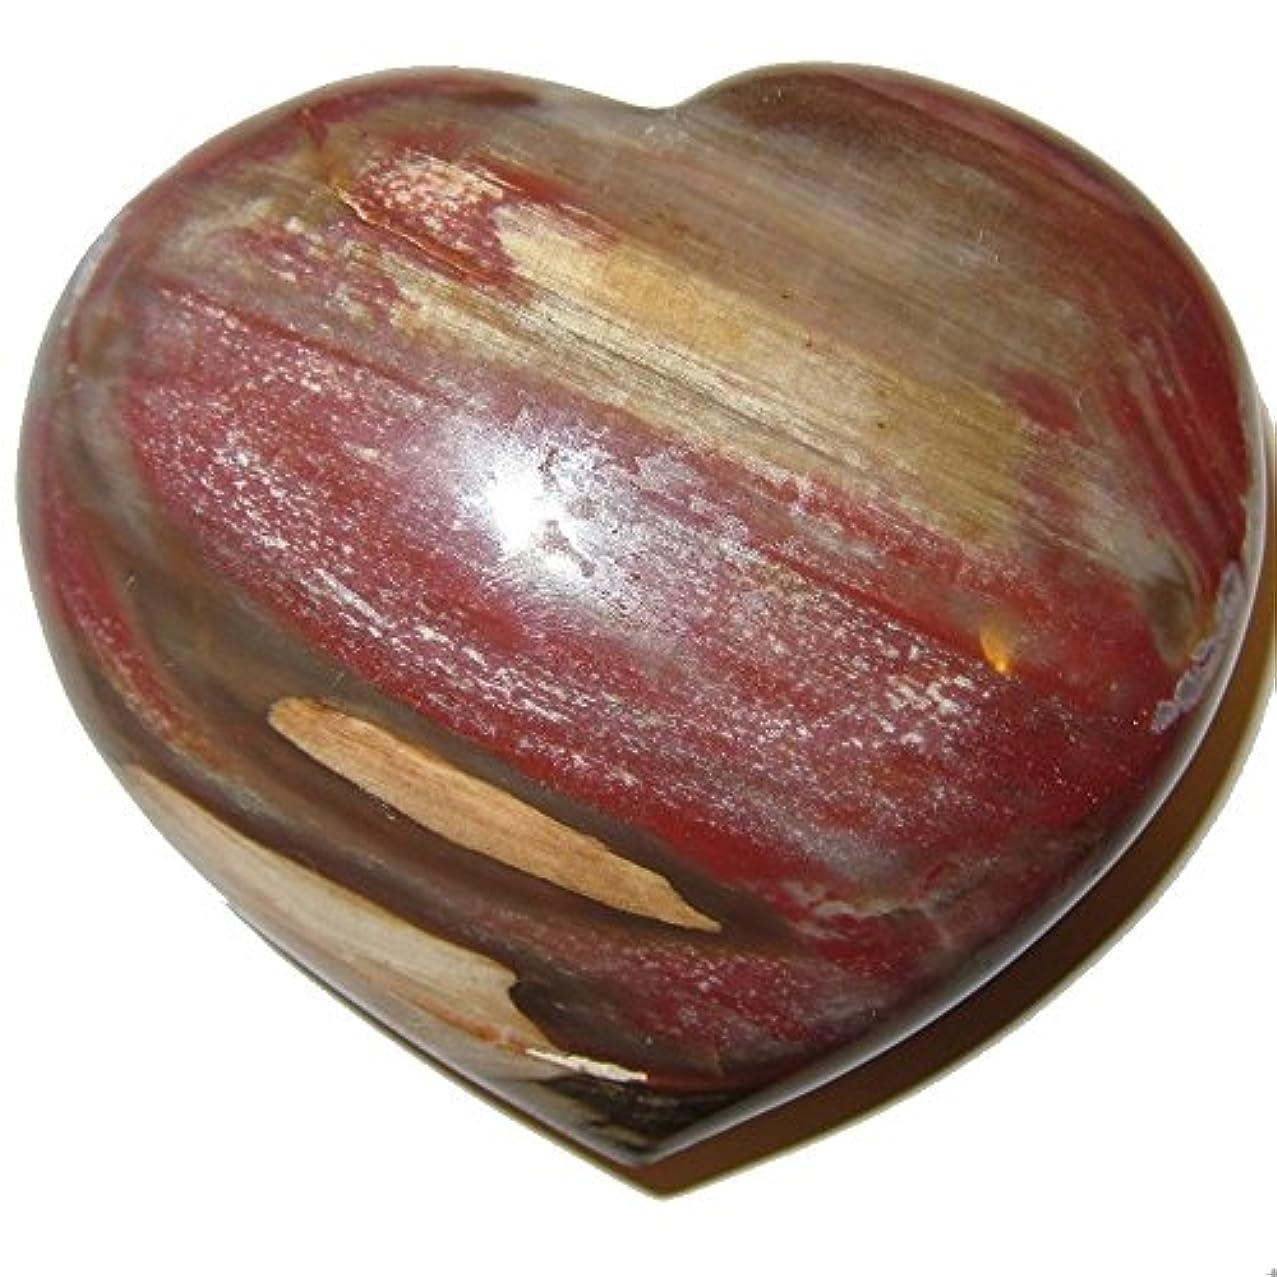 コークス盆知っているに立ち寄るサテンクリスタルPetrified Wood Heart 3.3